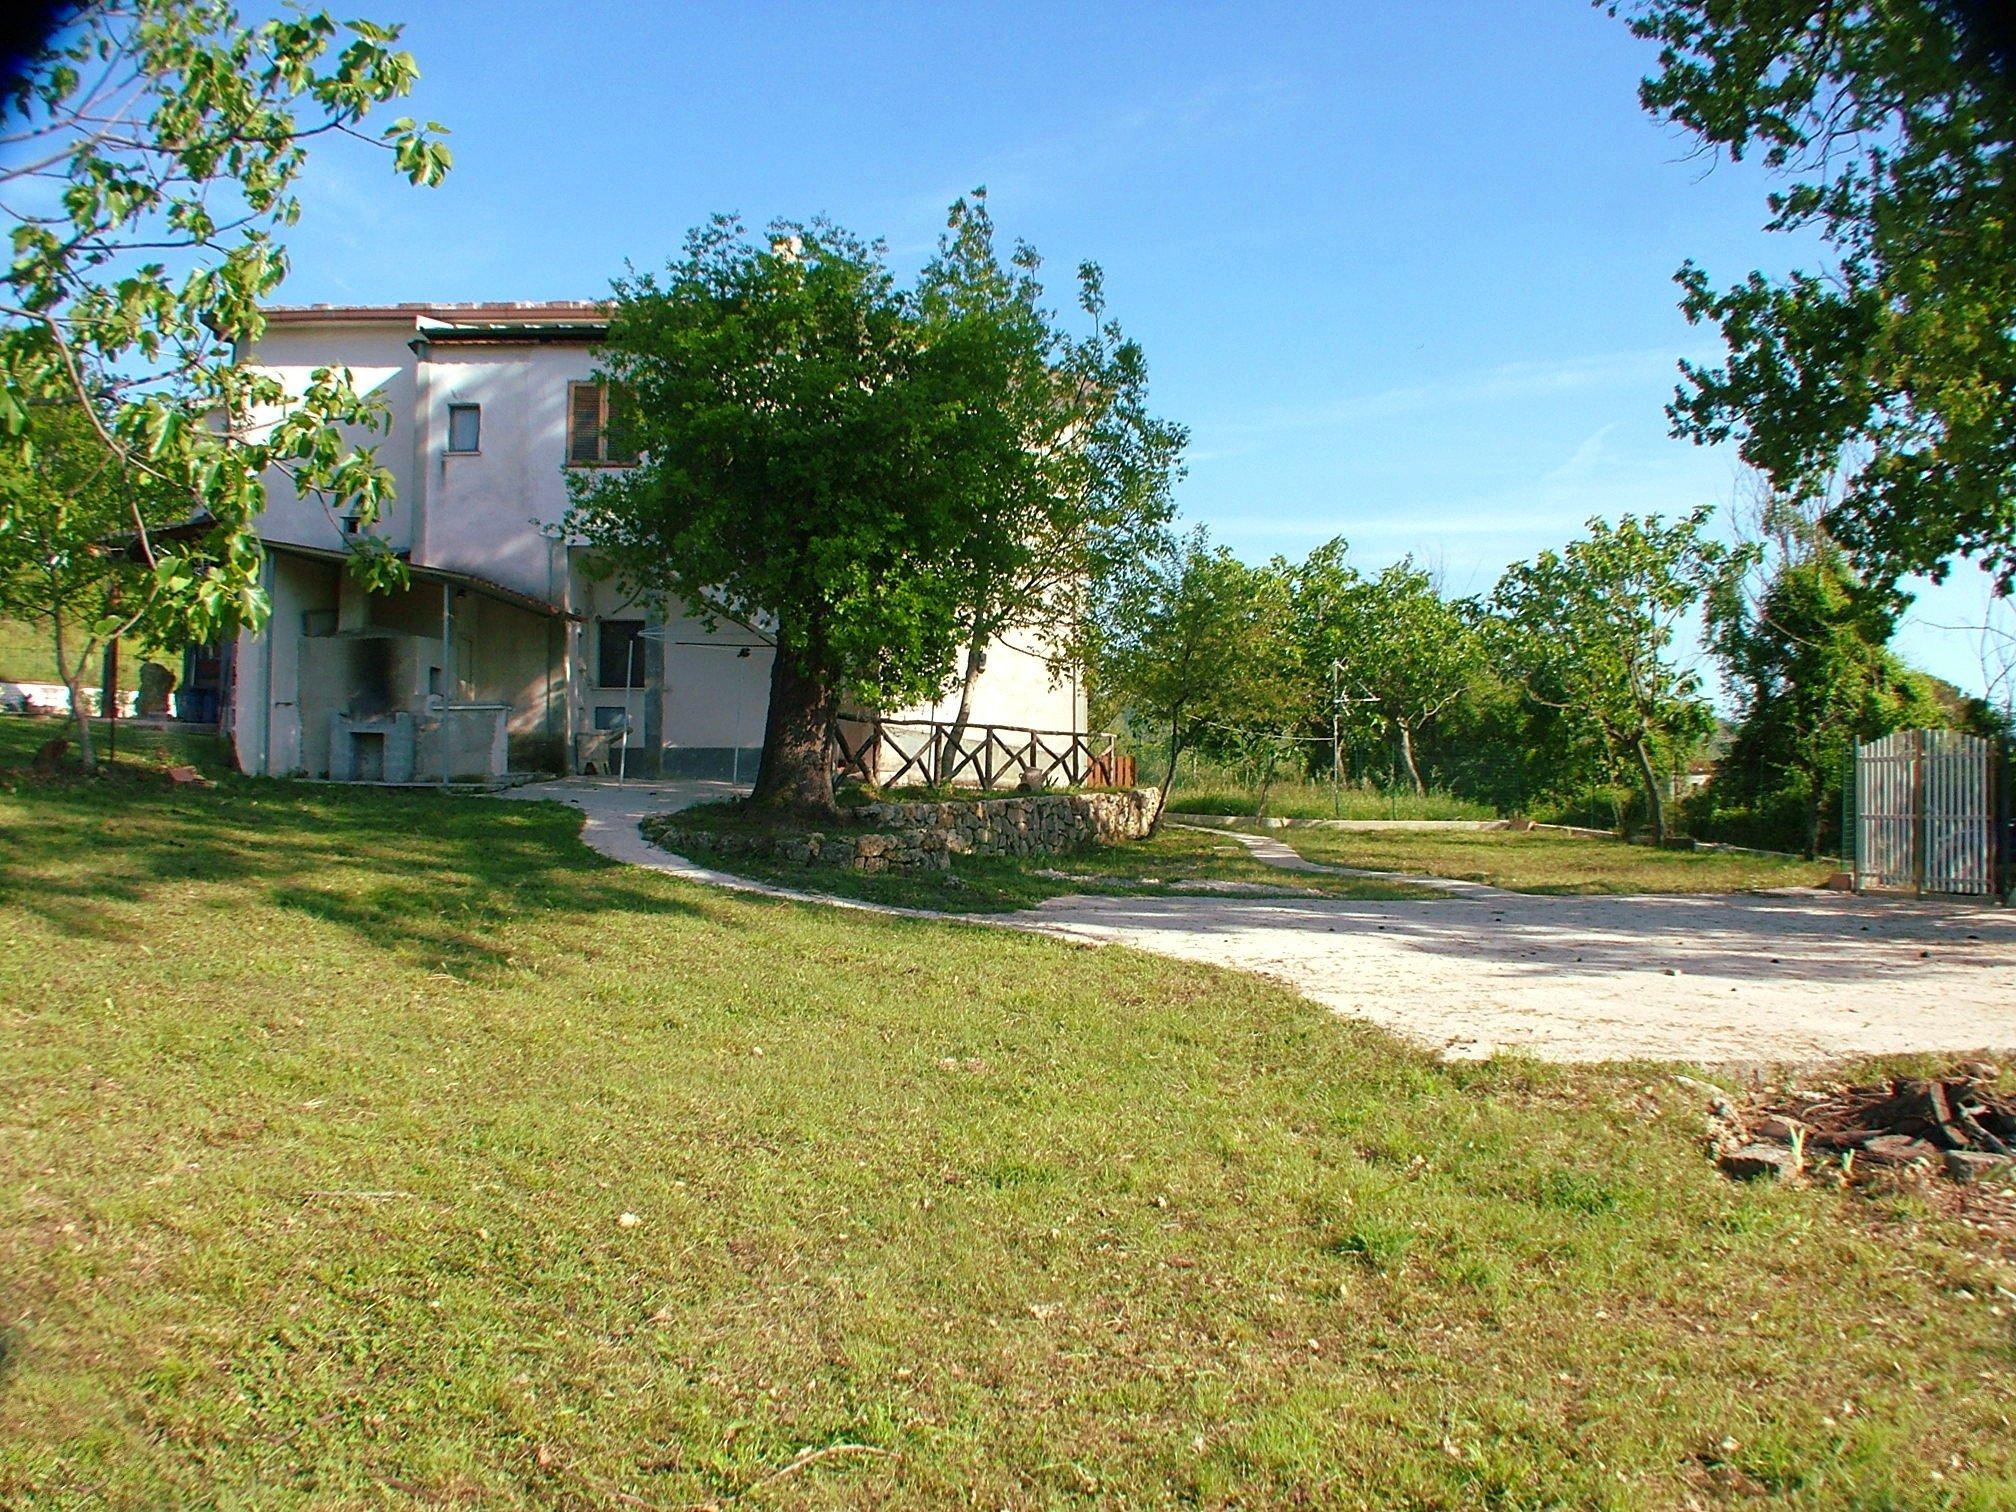 Casa con terreno in vendita a Prata Sannita